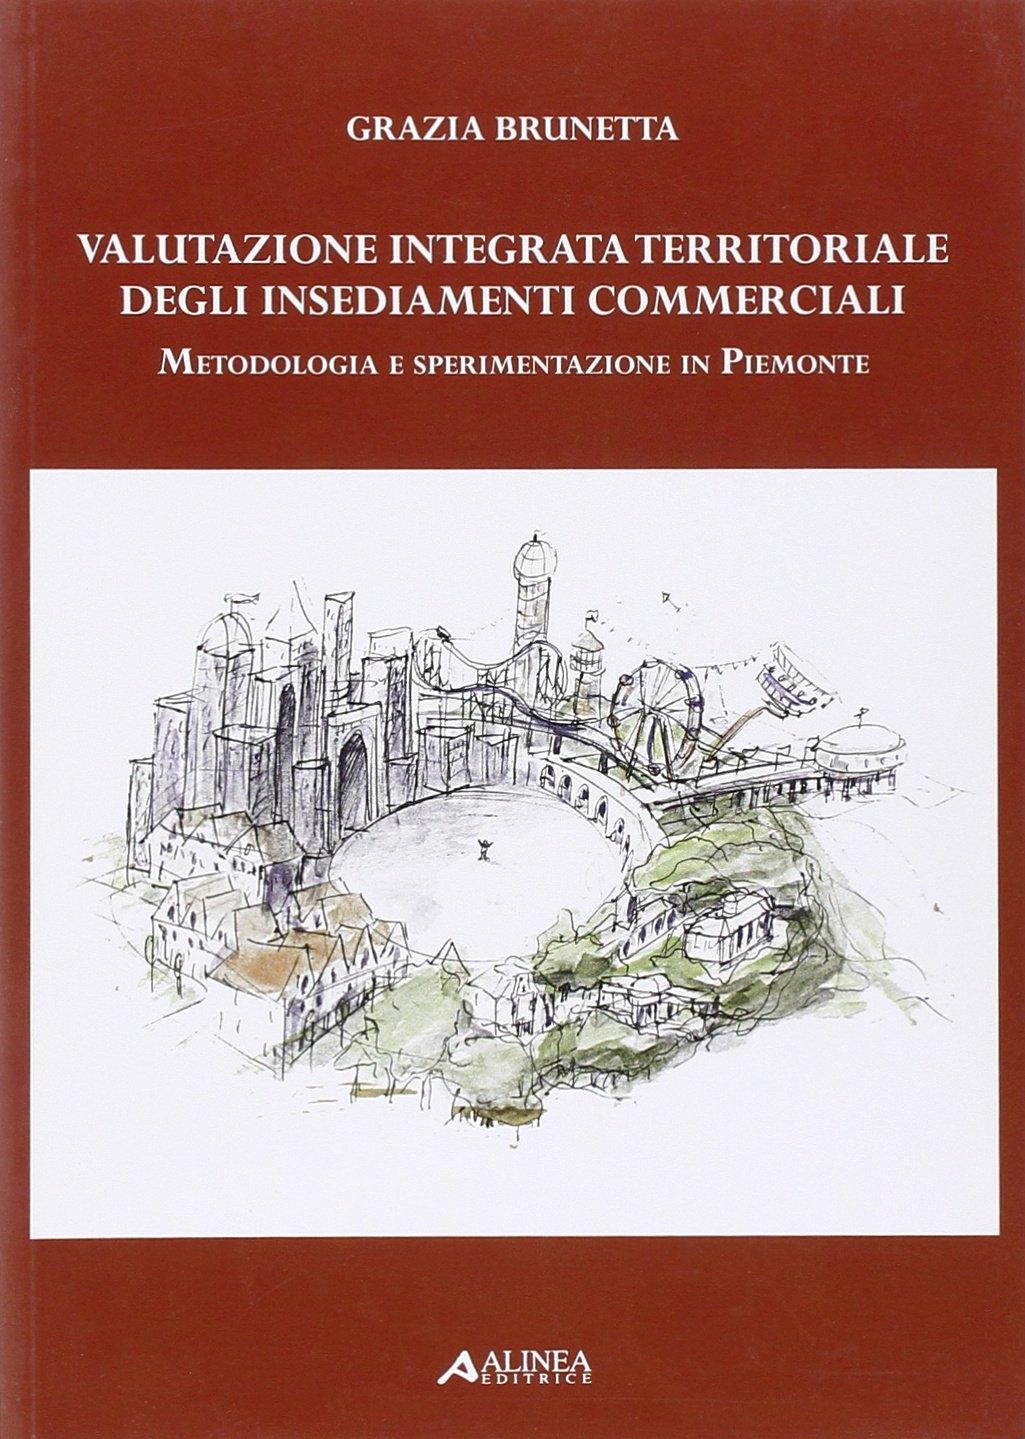 Valutazione integrata territoriale degli insediamenti commerciali. Metodologia e sperimentazione in Piemonte.